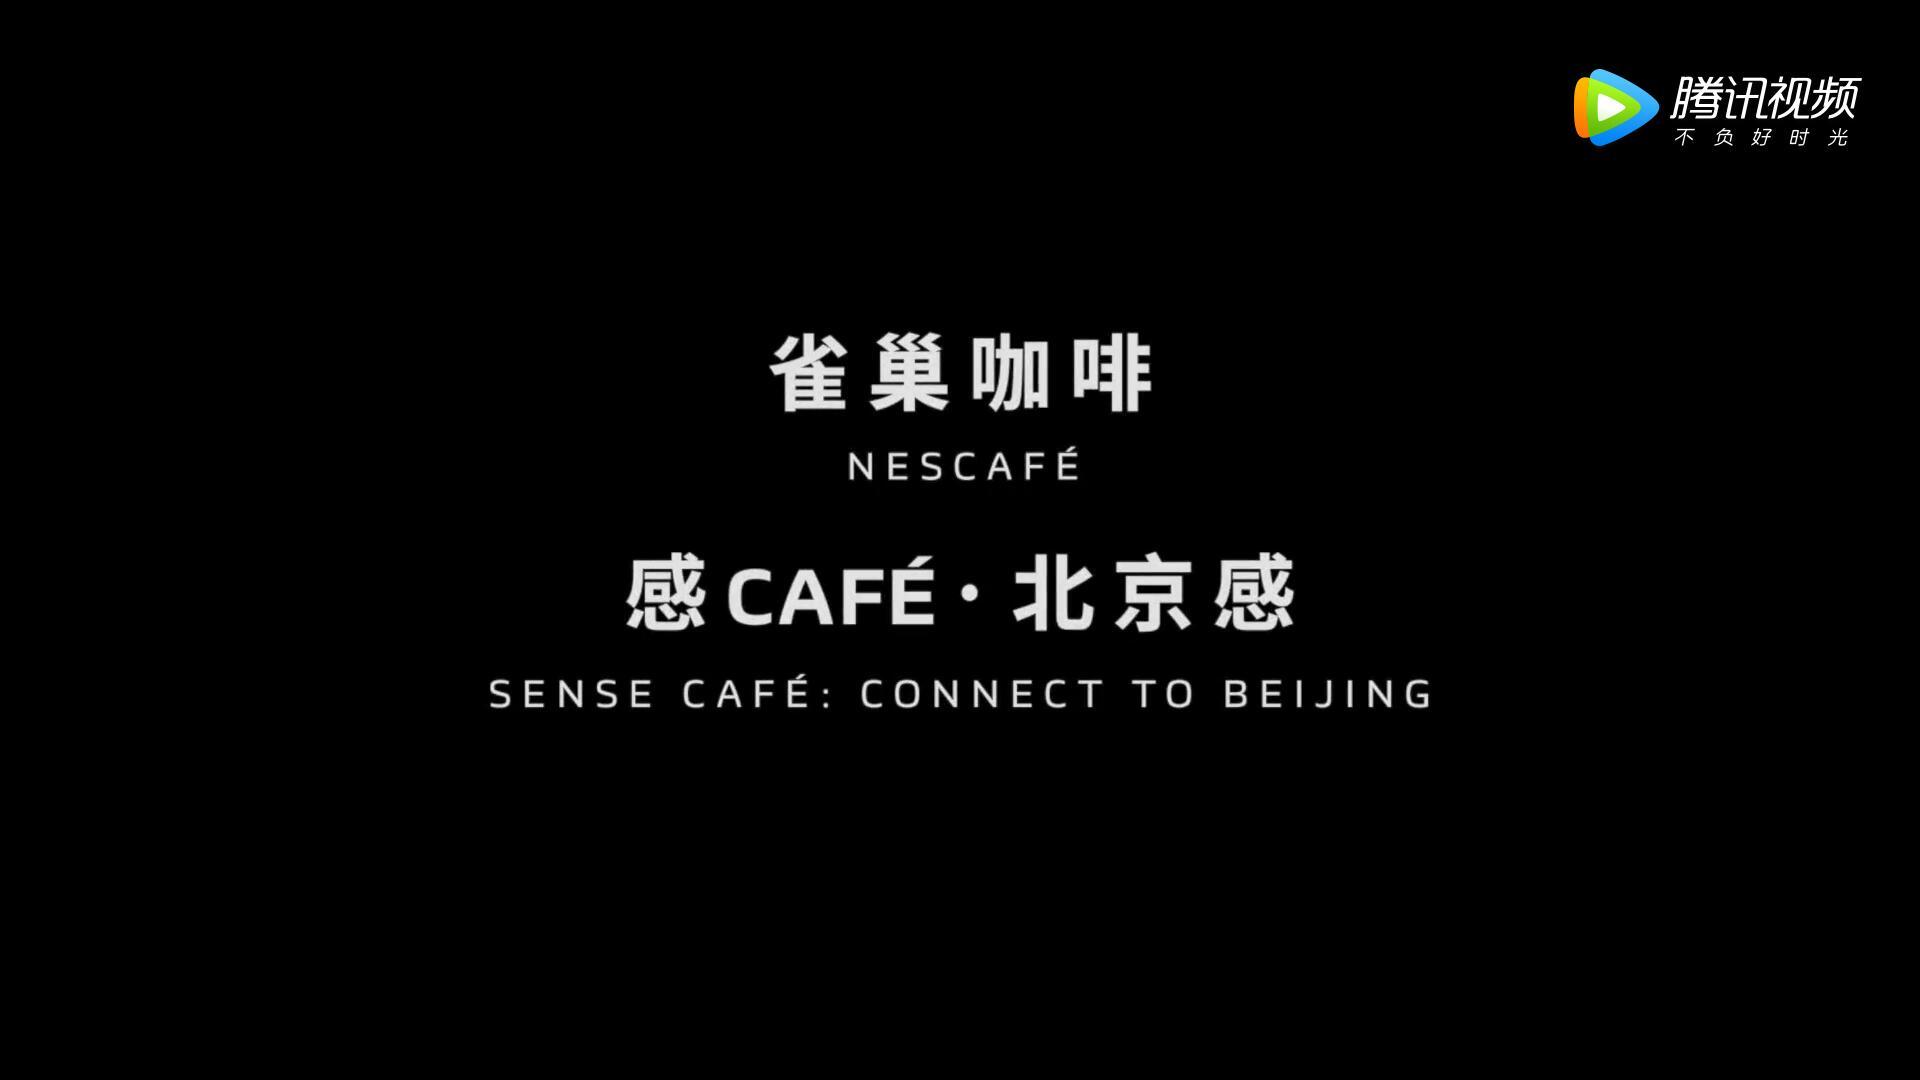 《北京感 感CAFE 》雀巢咖啡